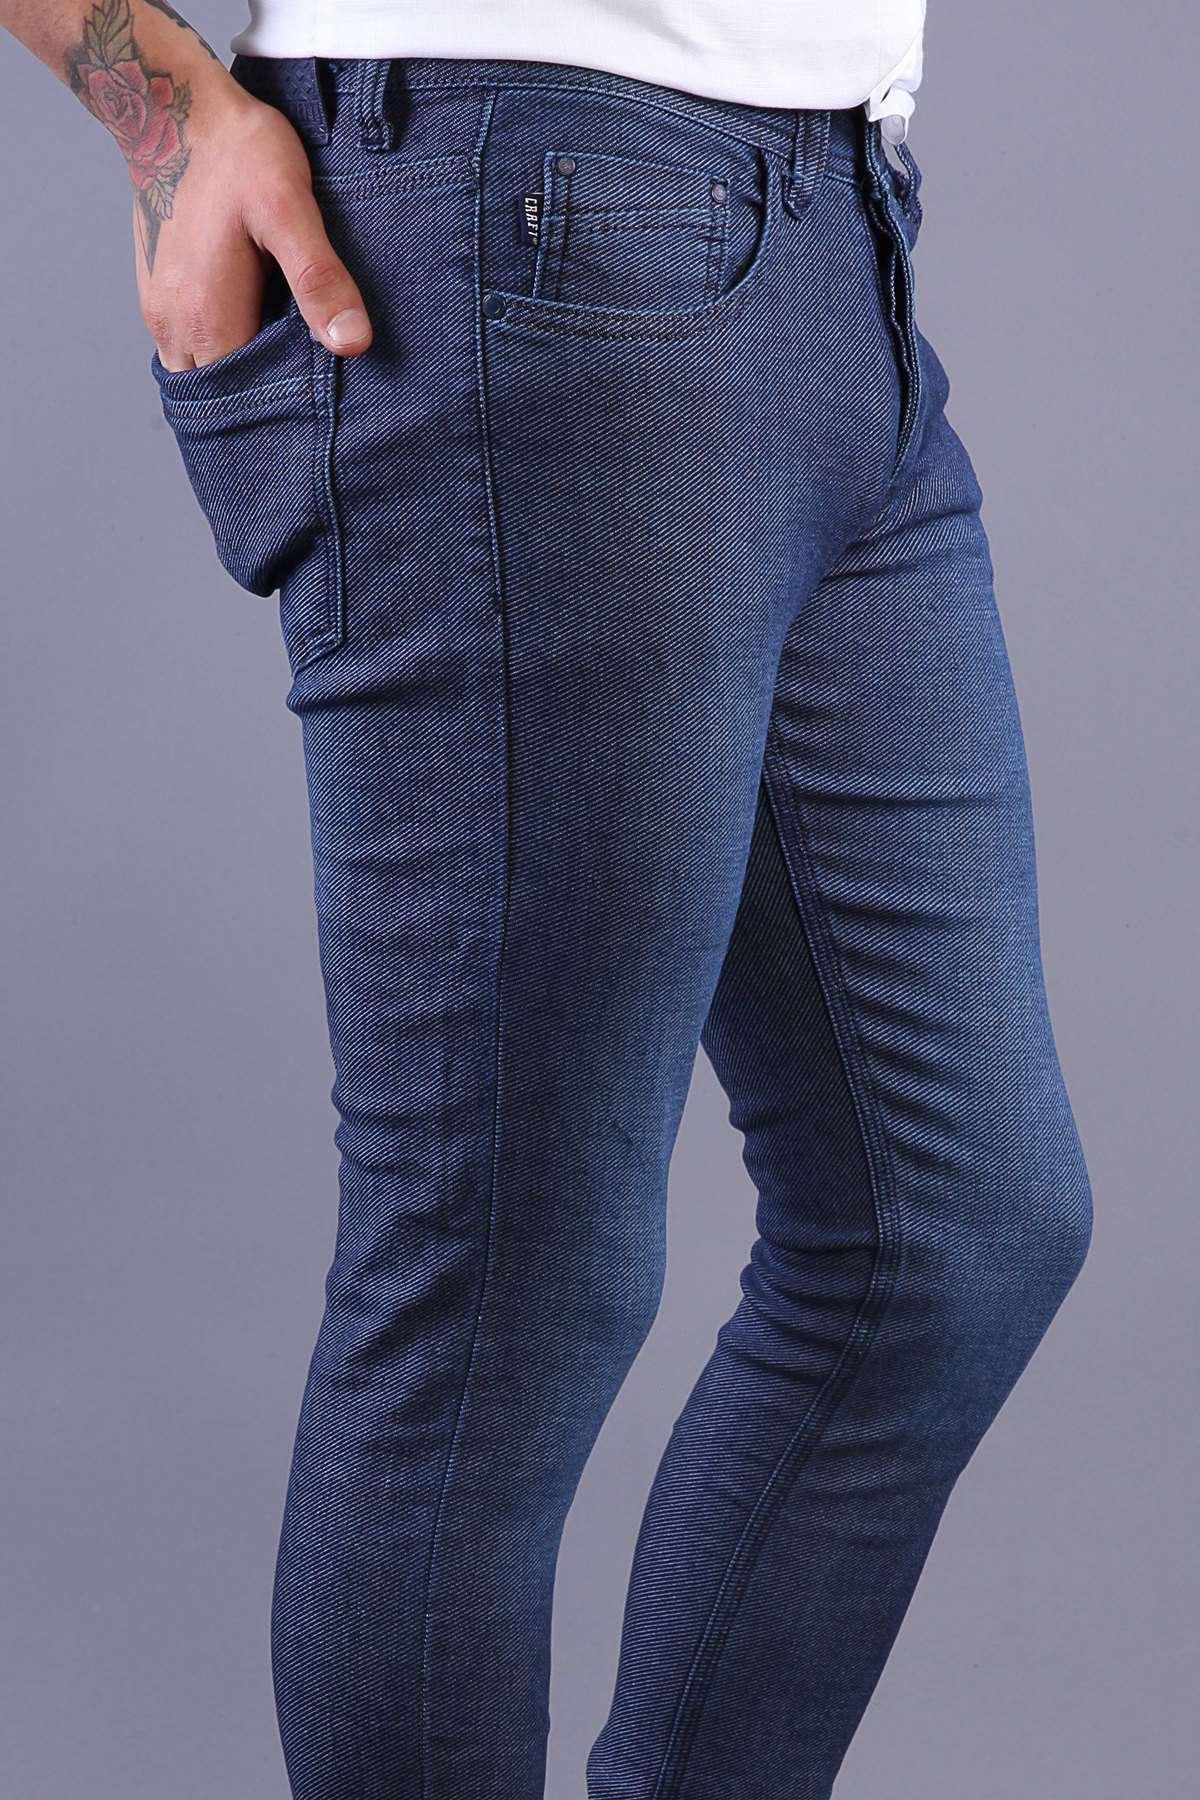 Basic Çizgi Desenli Diz Hafif Taşlamalı Slim Fit Kot Pantolon Koyu-Mavi